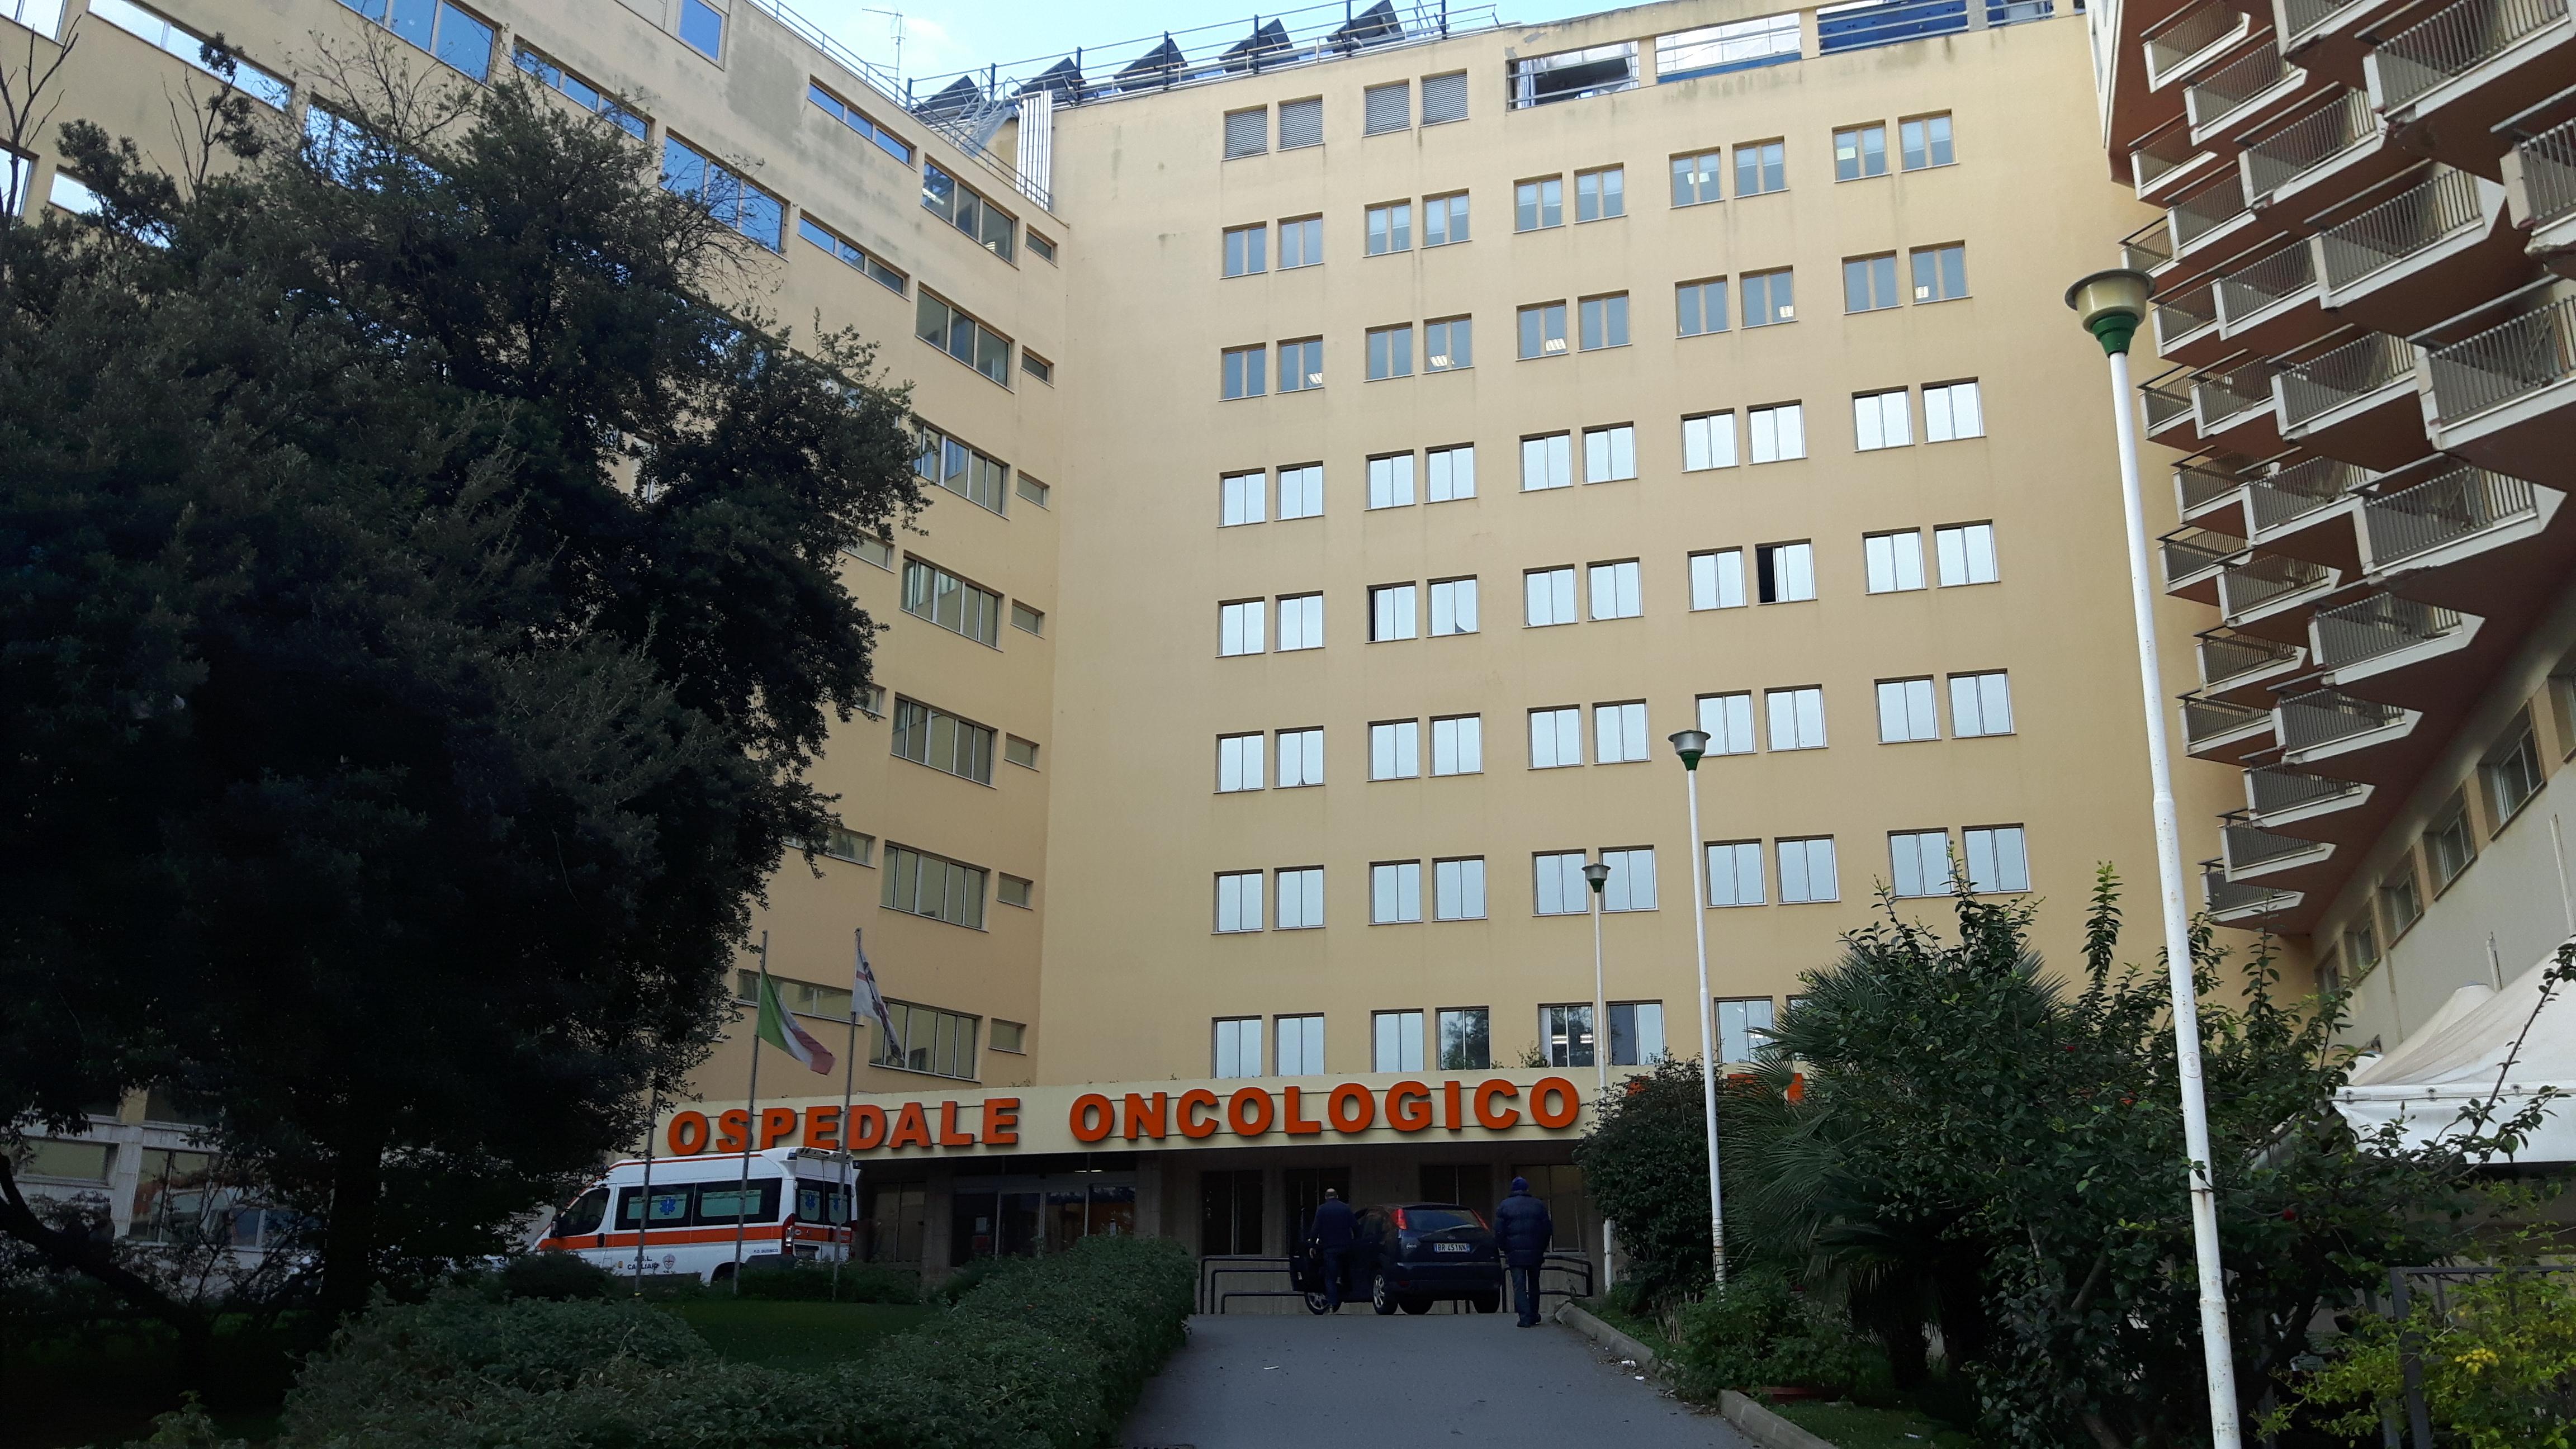 Cagliari, muore per setticemia pochi giorni dopo il parto a casa, aperta un'inchiesta